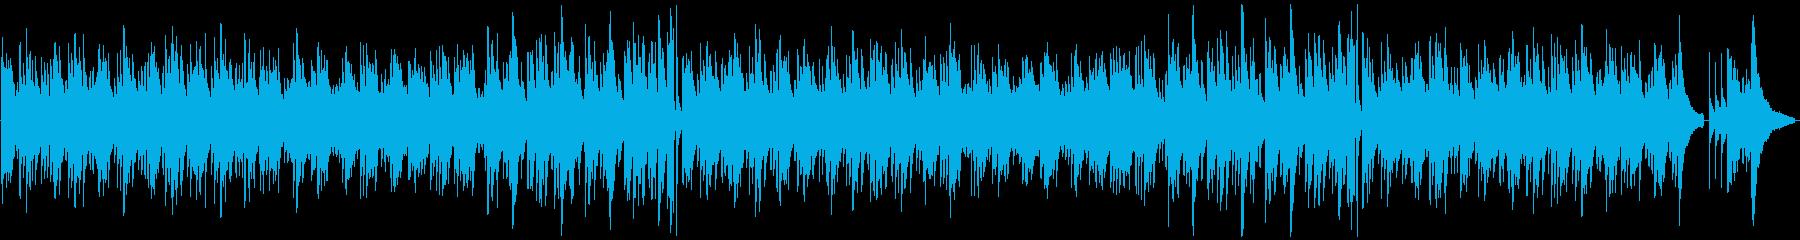 落ち着いた切ないソロアコギの再生済みの波形